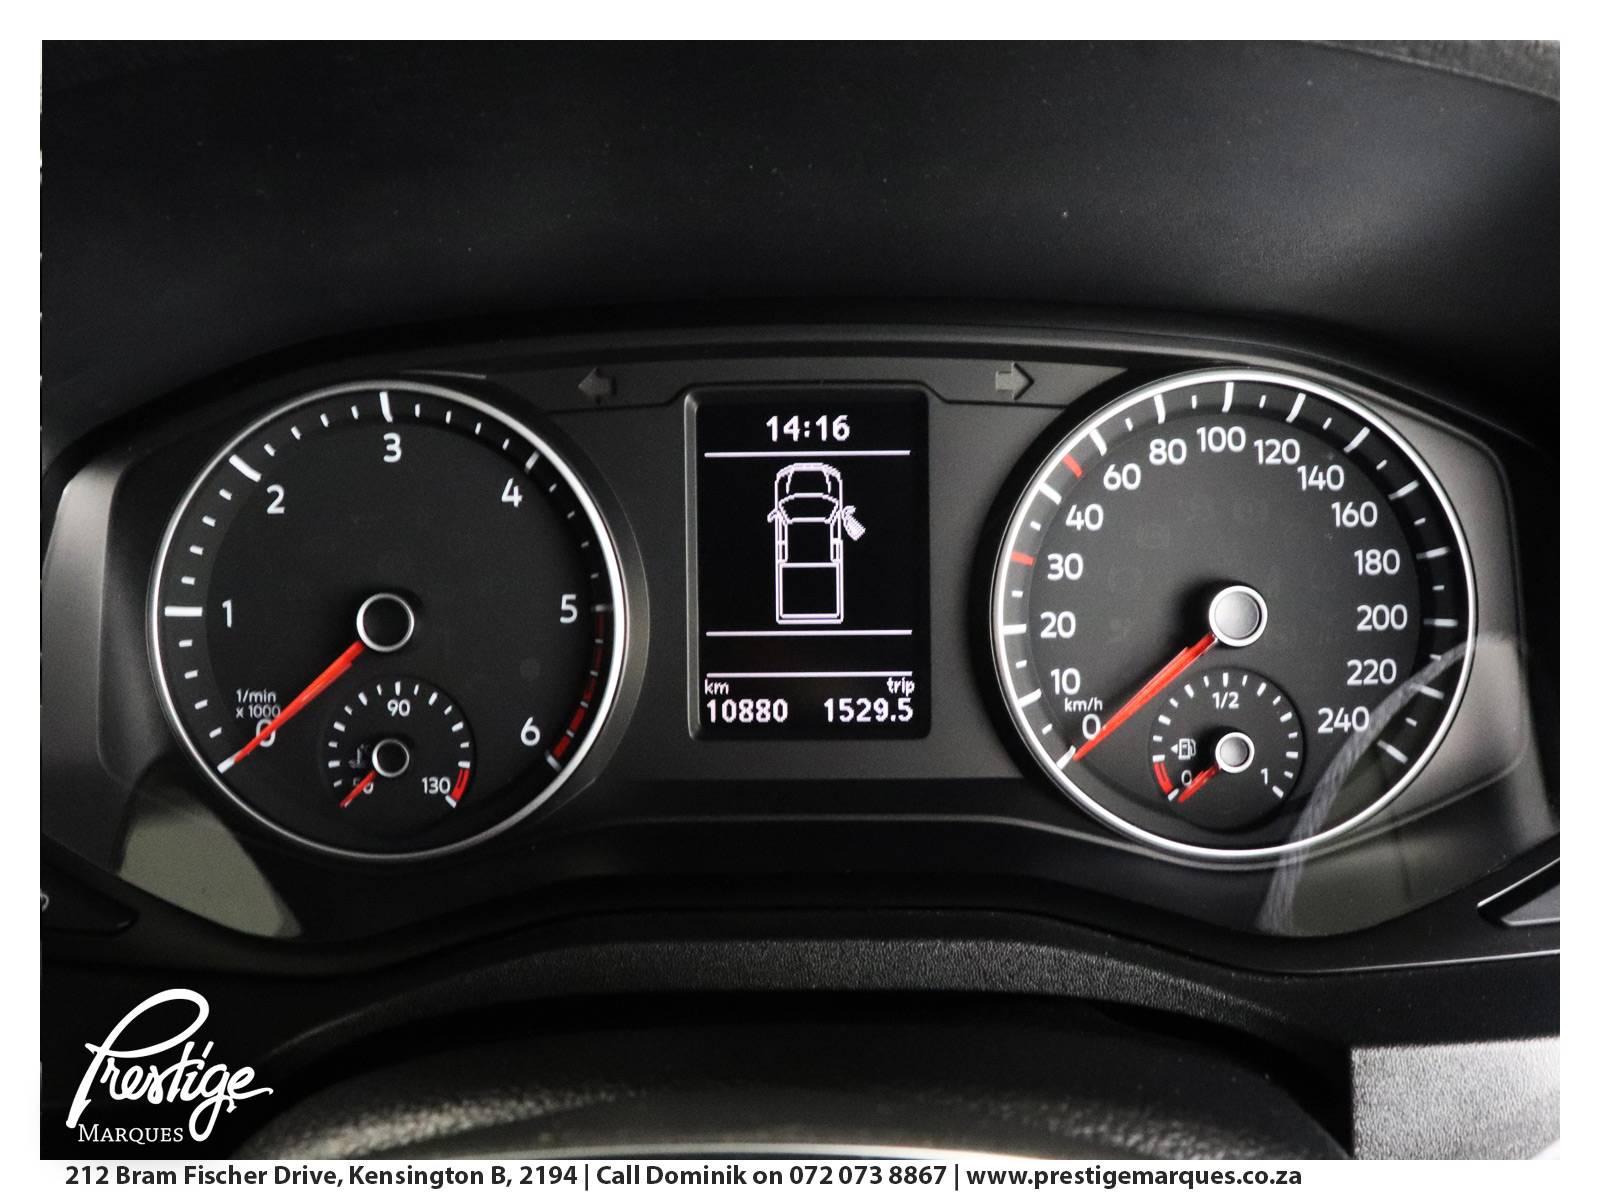 2019-Volkswagen-Amarok-Prestige-Marques-Randburg-Sandton-13